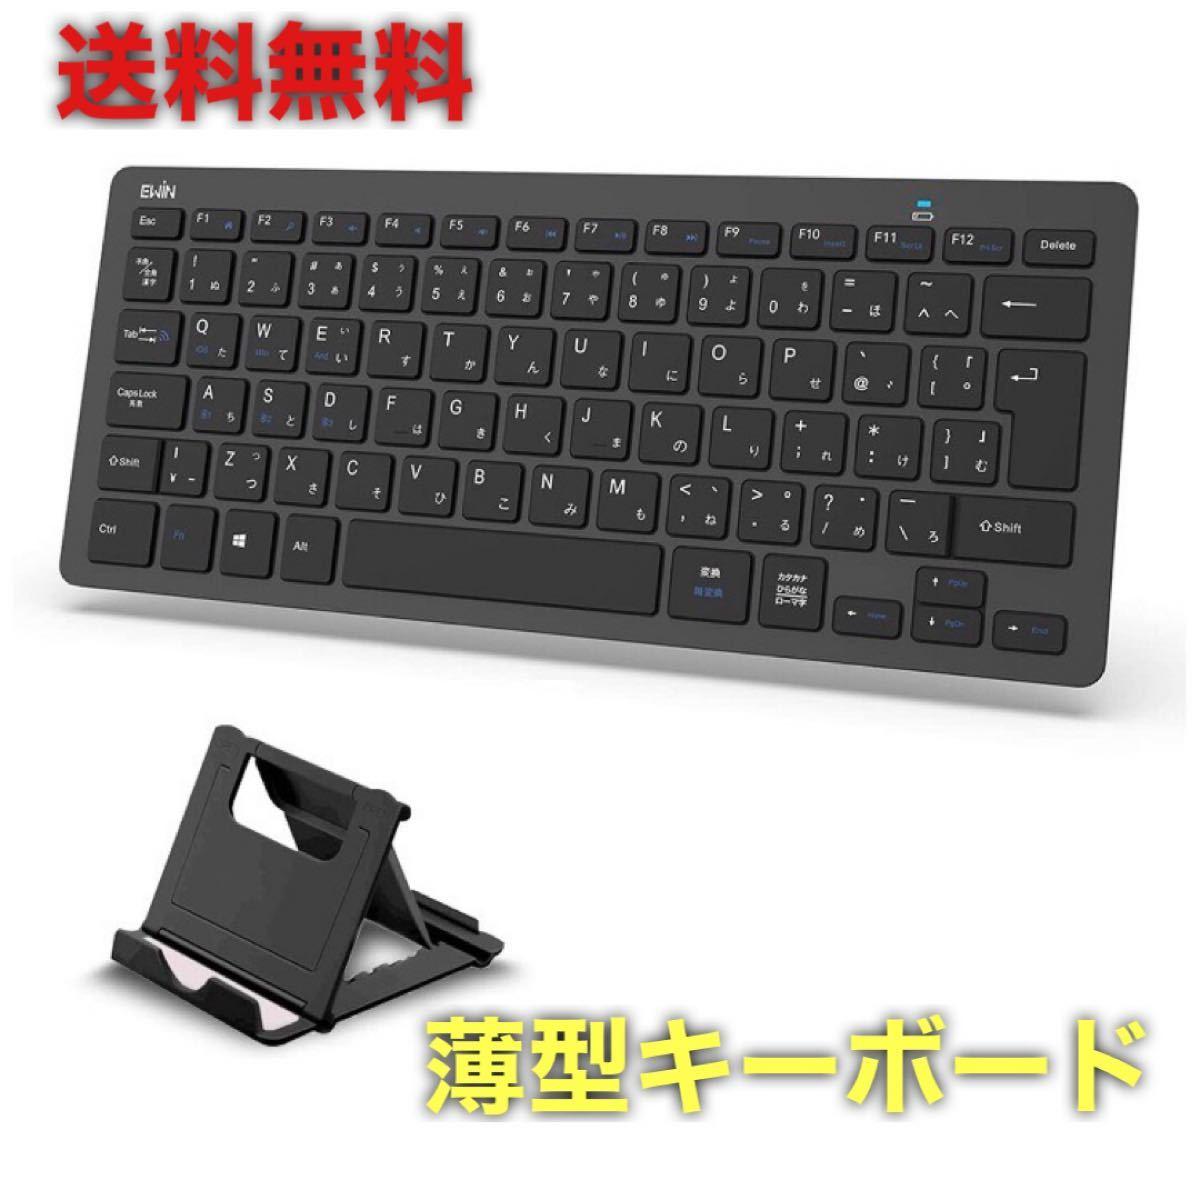 ワイヤレスキーボード Bluetoothキーボード 薄型 軽量